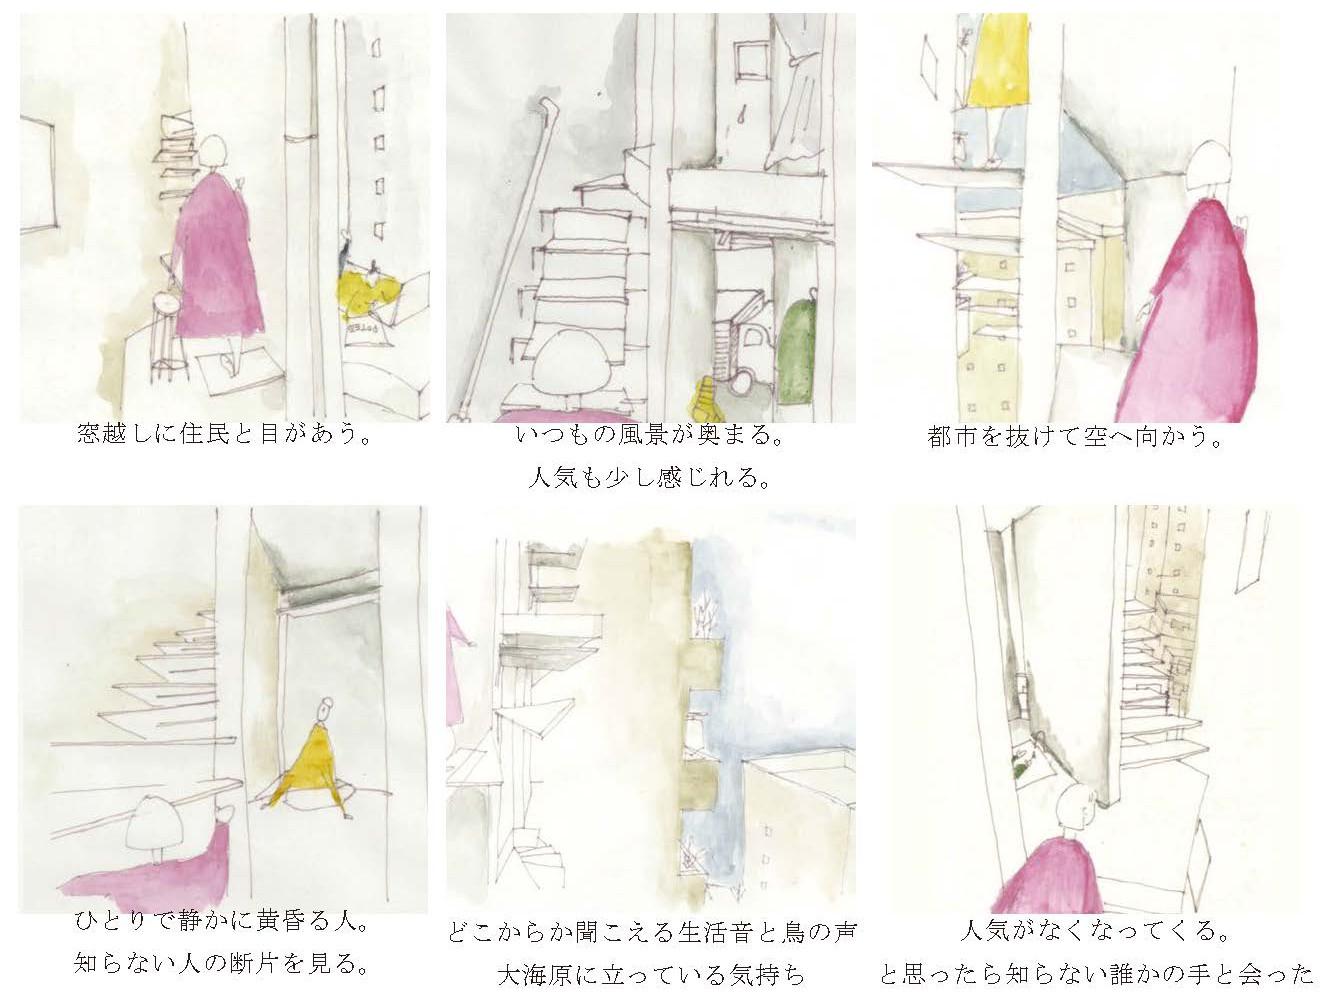 建築展WEB_ページ_23.jpg